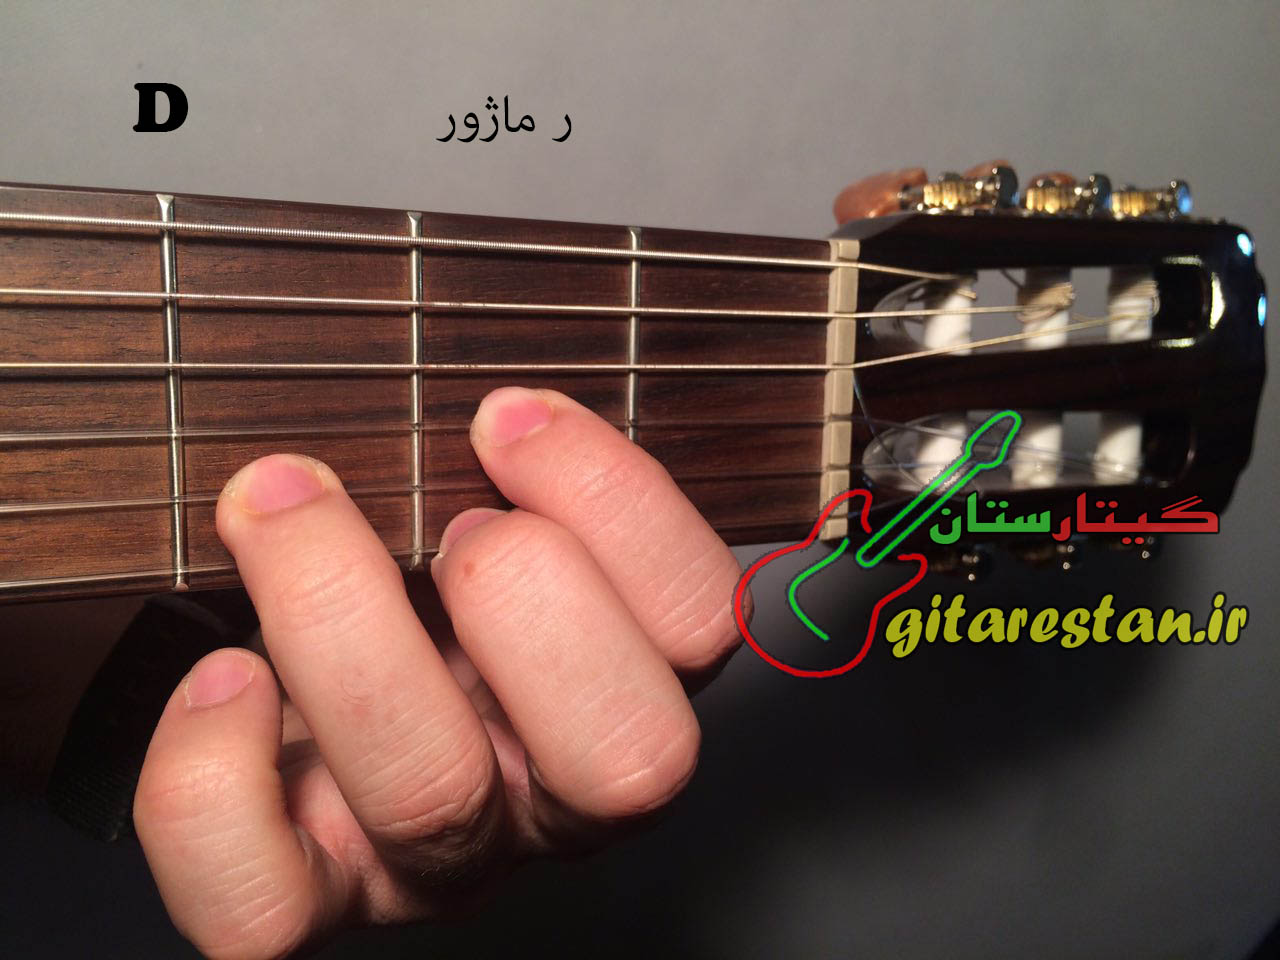 آکورد ر ماژور - گیتارستان